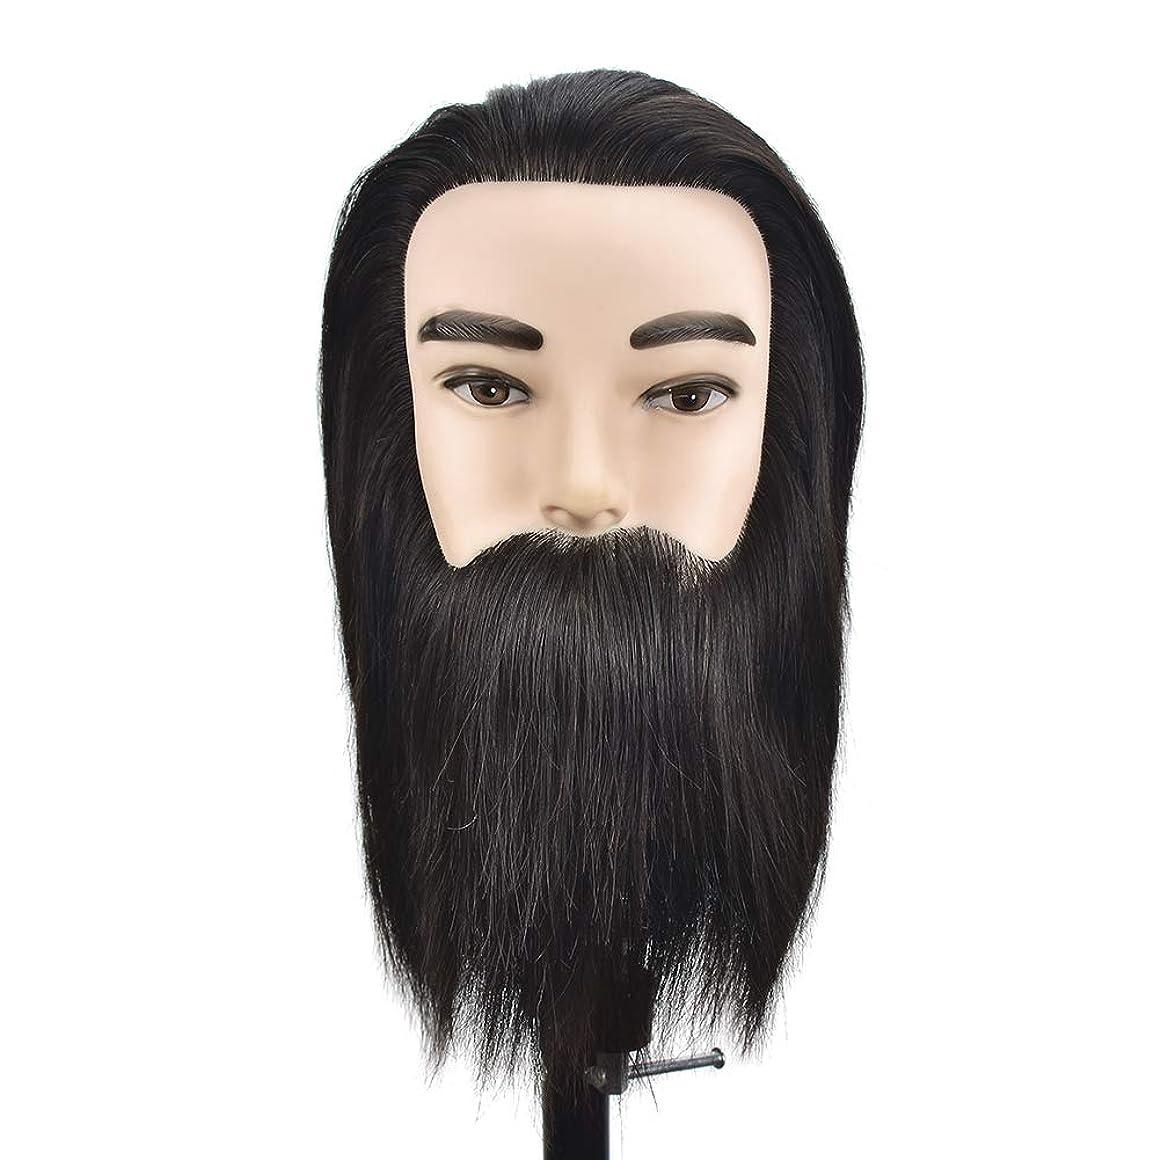 日の出邪魔する兵隊リアル人間の髪トレーニングヘッドパーマ髪モデル髪染め理髪ダミーヘッドトリミングひげ学習ヘッドモデル